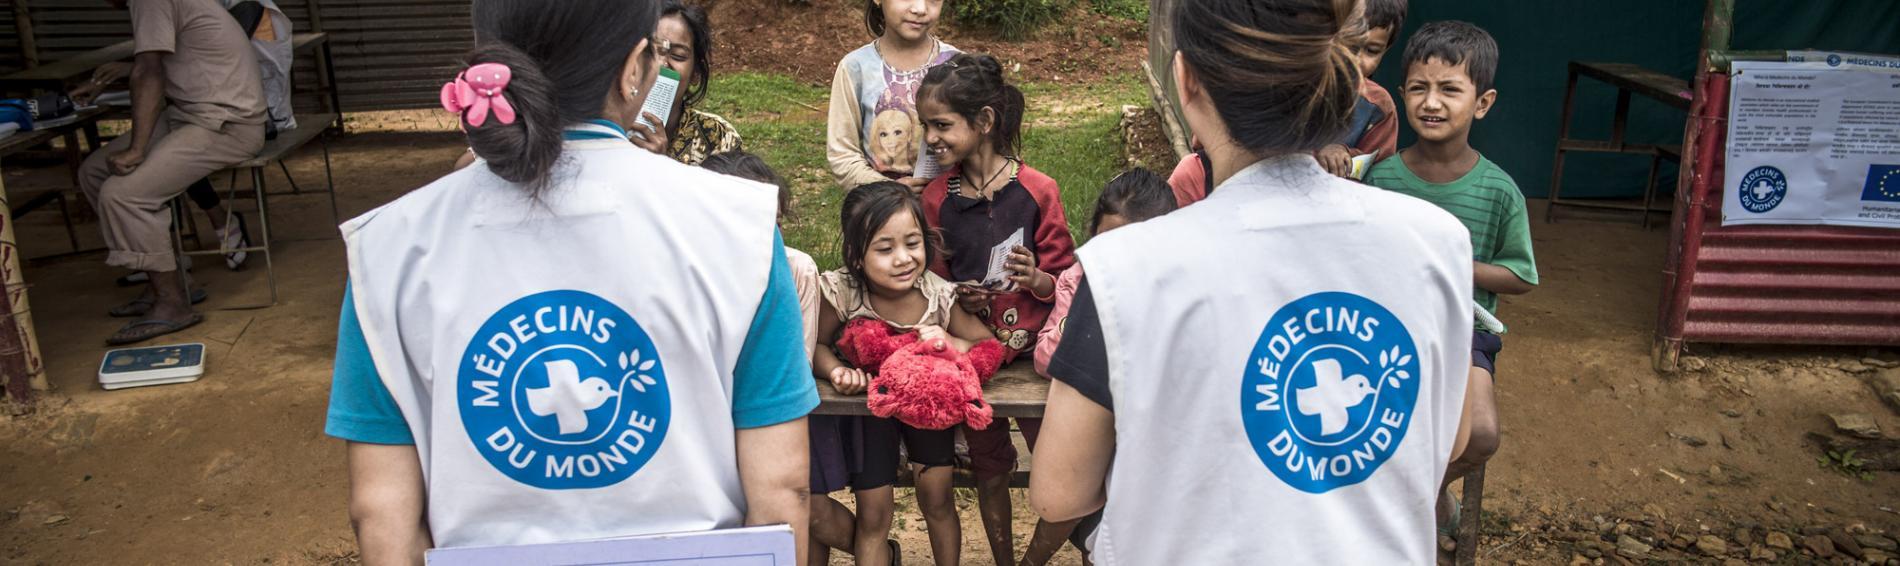 Nach dem verheerenden Erdbeben in Nepal unterstützt Ärzte der Welt mit Erste-Hilfe Maßnahmen, Wiederaufbau von Gesundheitseinrichtungen und medizinischen Schulungen | © Olivier Papegnies